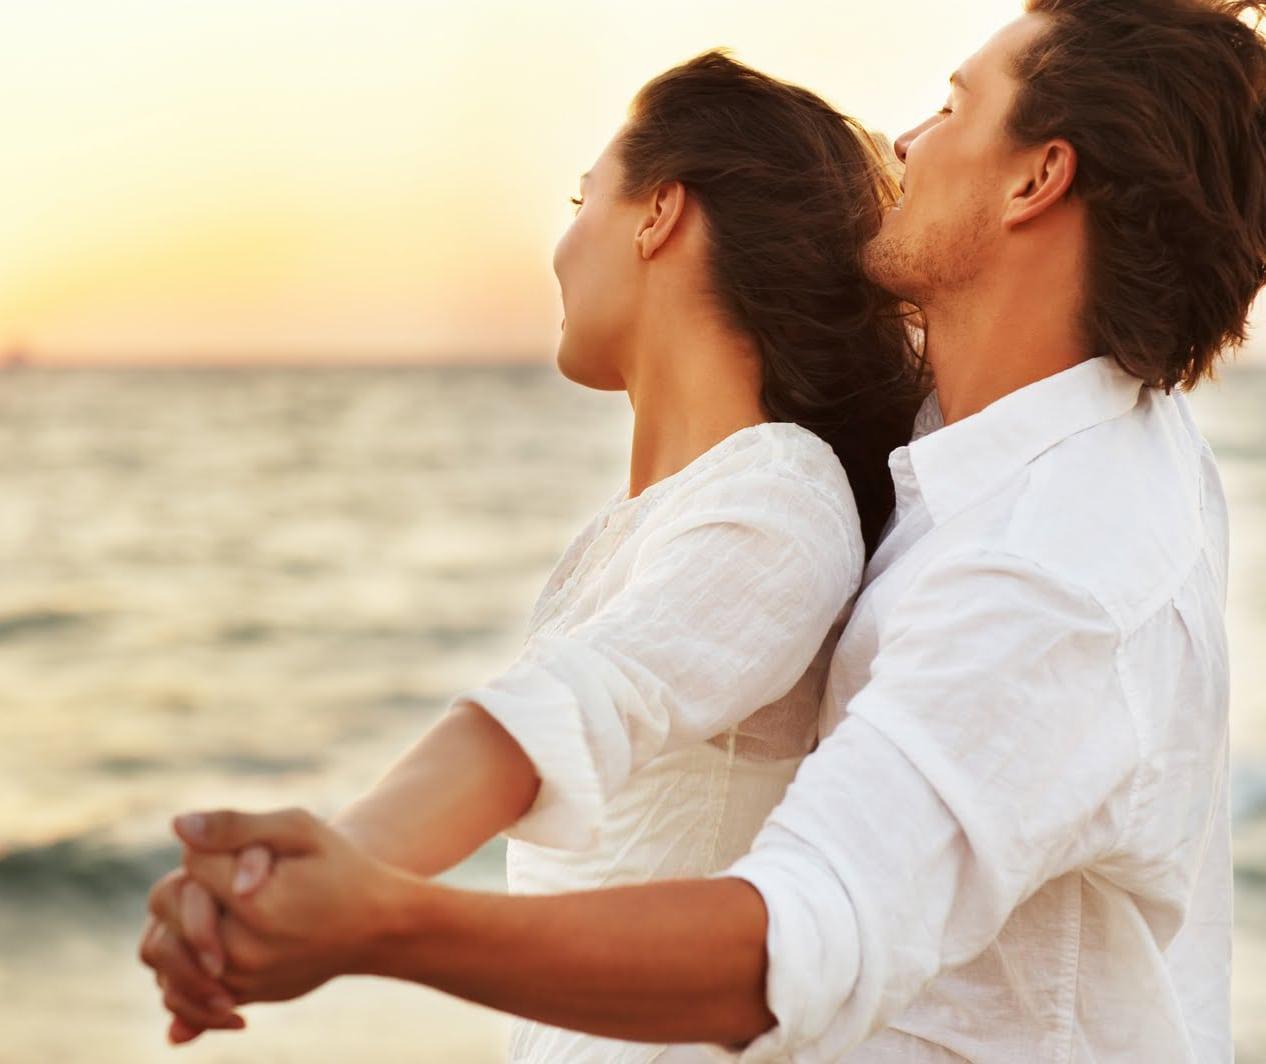 романтические отношения между мужчиной и женщиной